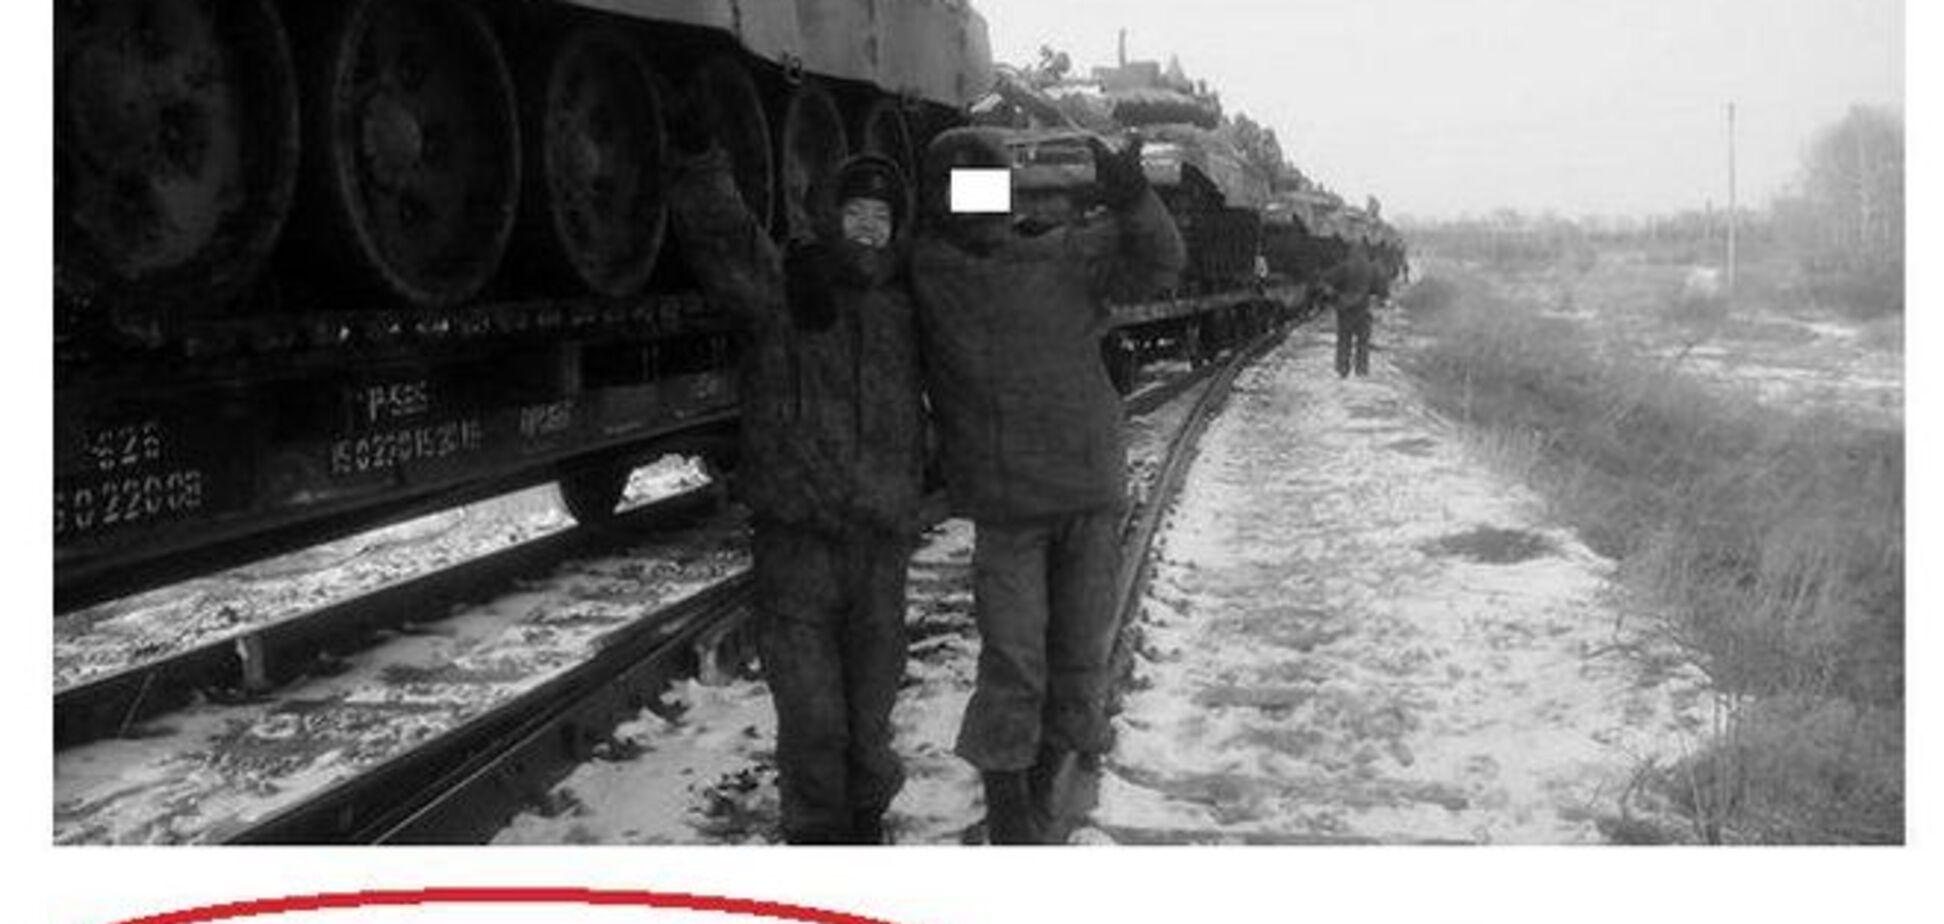 До кордону з Україною перекинули 64-у мотострілкову бригаду з Хабаровська: докази